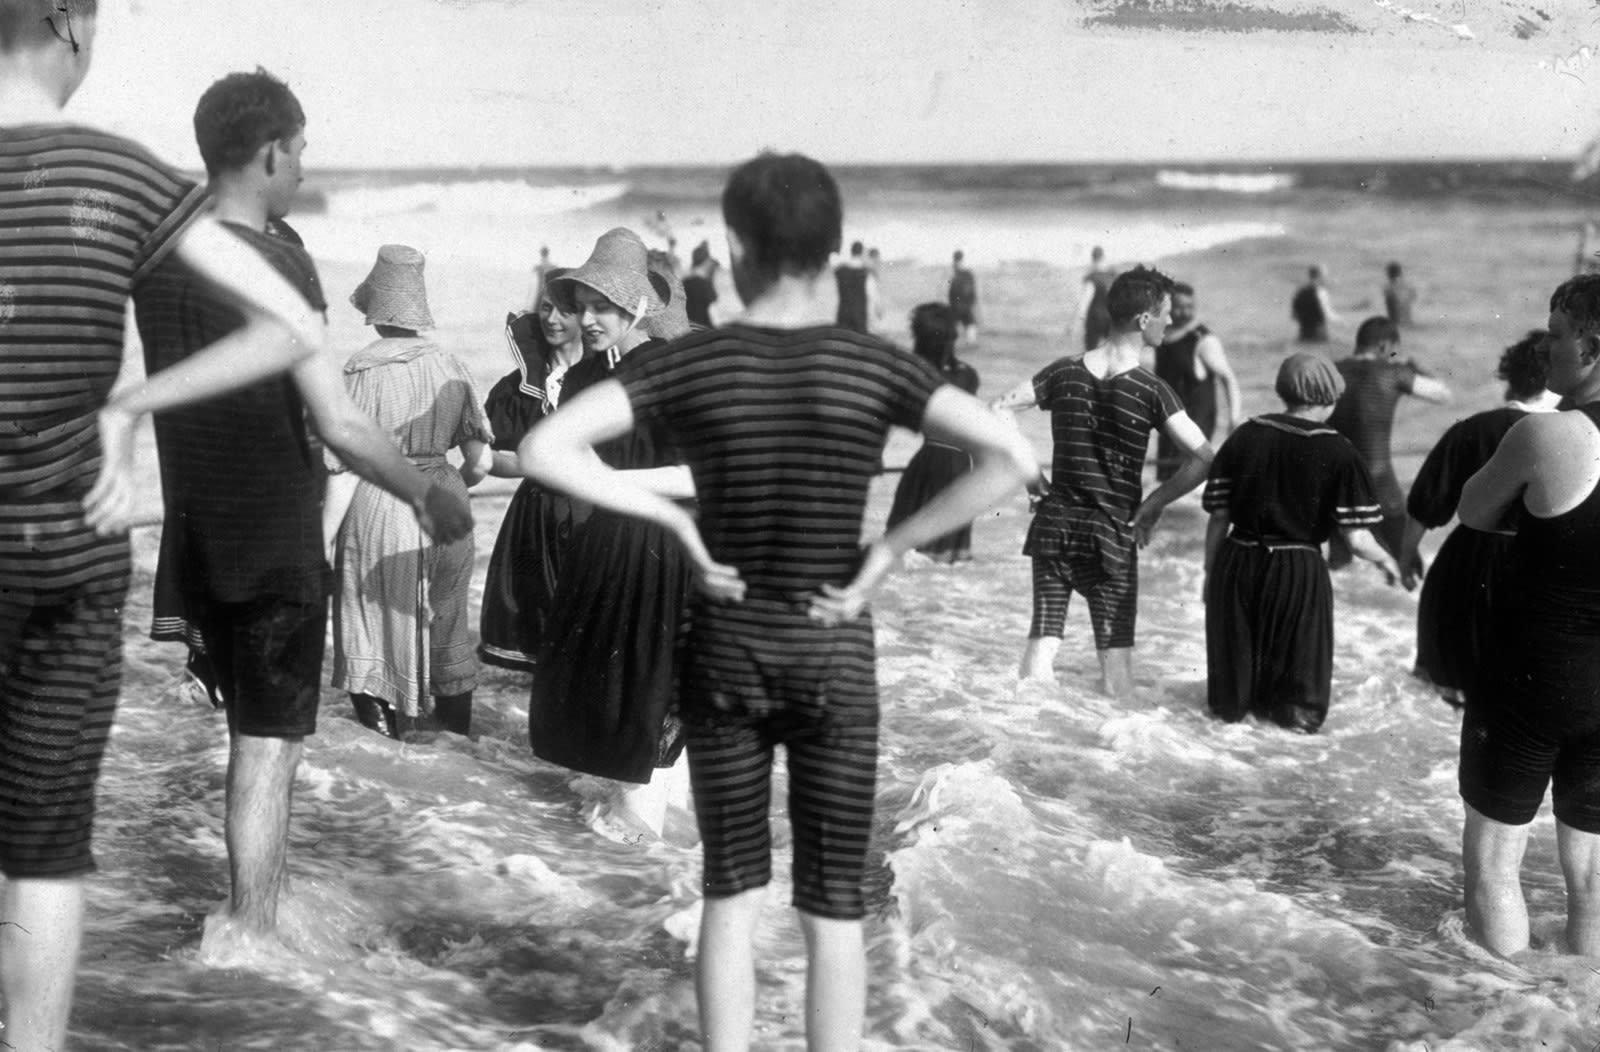 Отдыхающие на пляже Рокуэй Бич, Нью-Йорк Сити, 1897 г. 100 лет назад, 20 век, архивные снимки, архивные фотографии, пляж, пляжный отдых, черно-белые фотографии, чёрно-белые фото